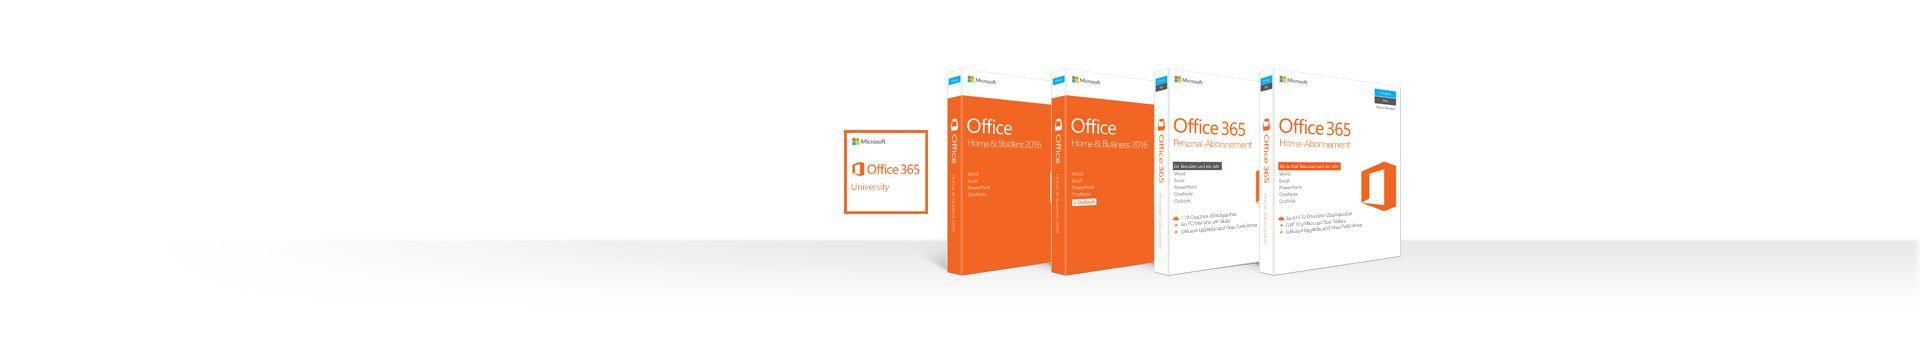 Eine Reihe von Feldern, die für Office-Abonnements und eigenständige Produkte für Mac stehen